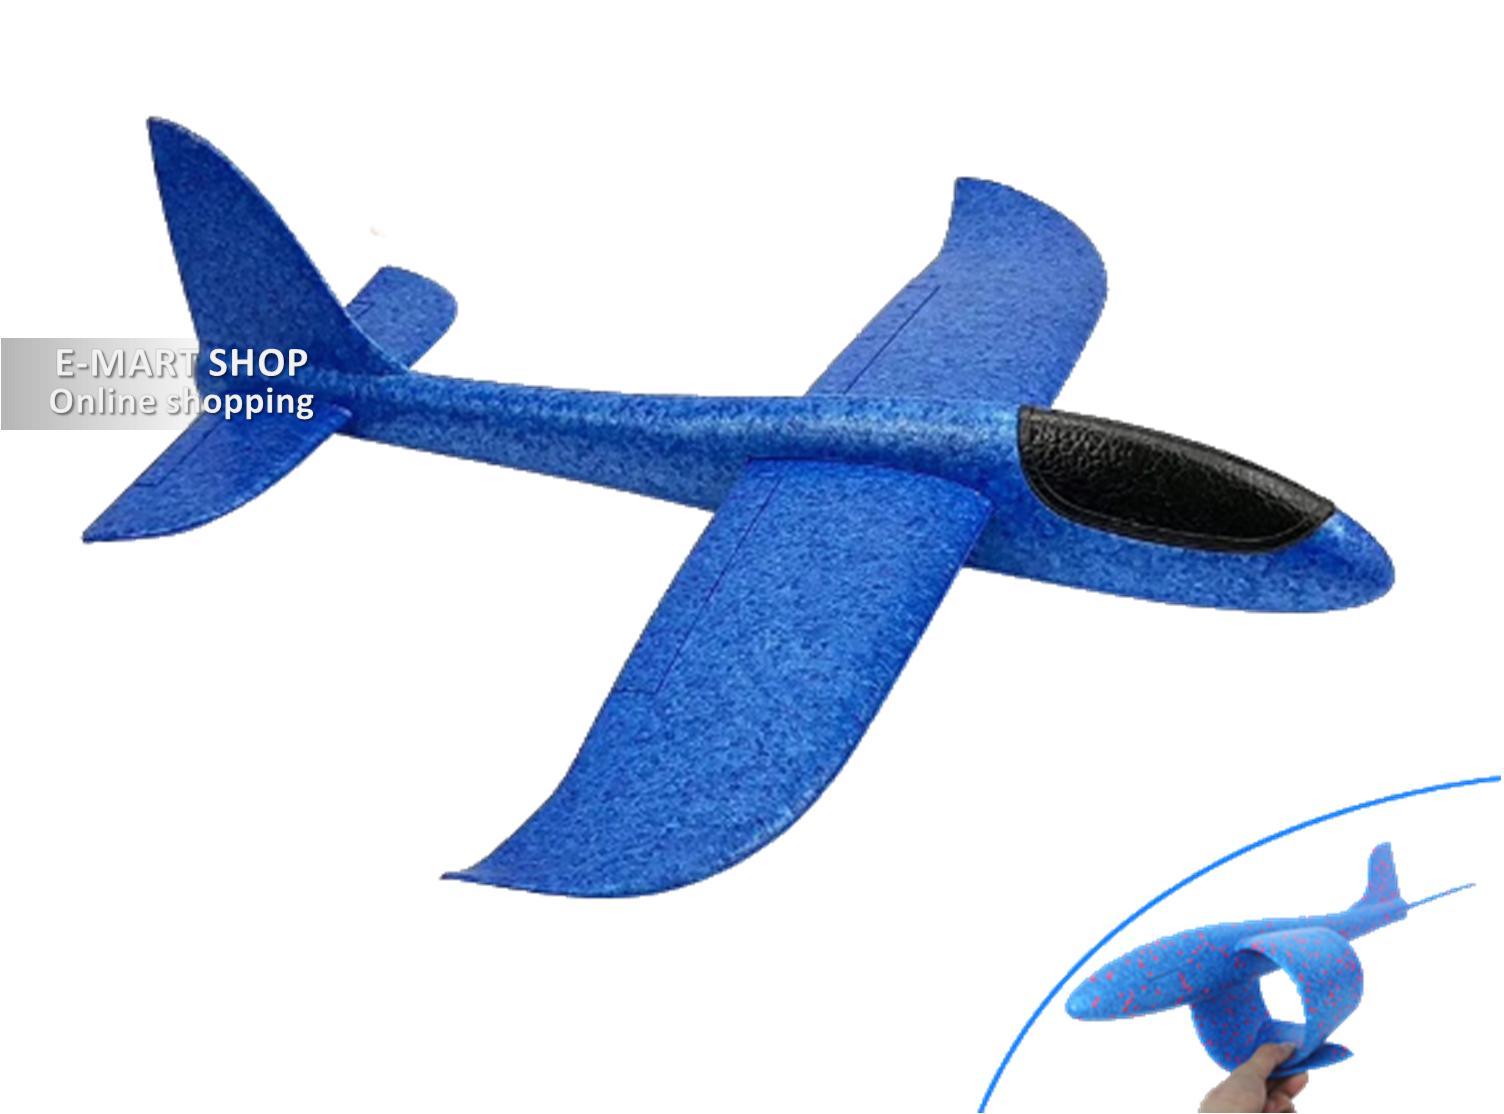 Hình ảnh Đồ Chơi Máy Bay Xốp Dẻo FX35 Cho Mùa Hè Sôi Động (Màu xanh)